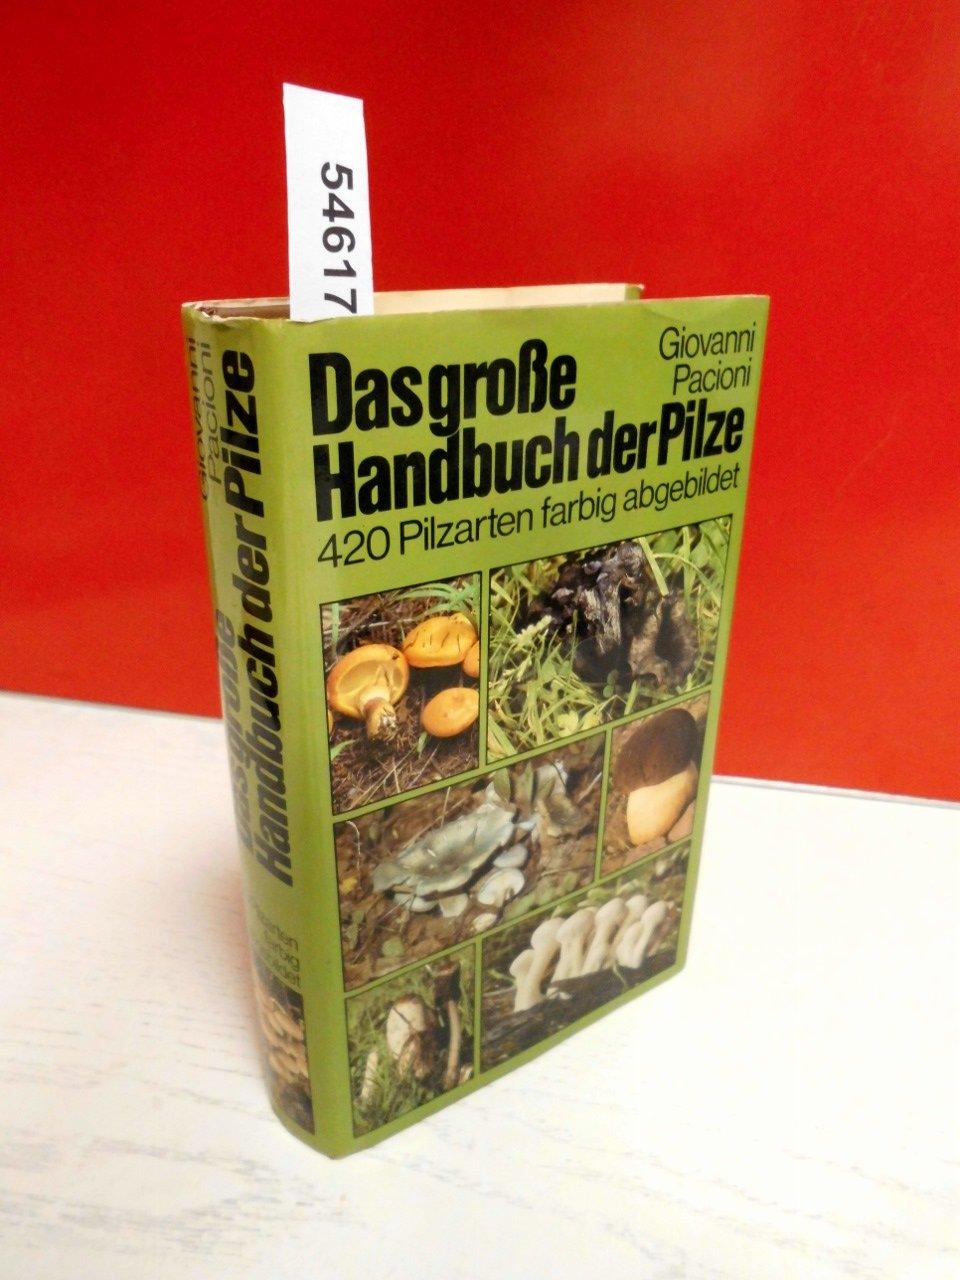 Das große Handbuch der Pilze - 420 Pilzarten farbig abgebildet